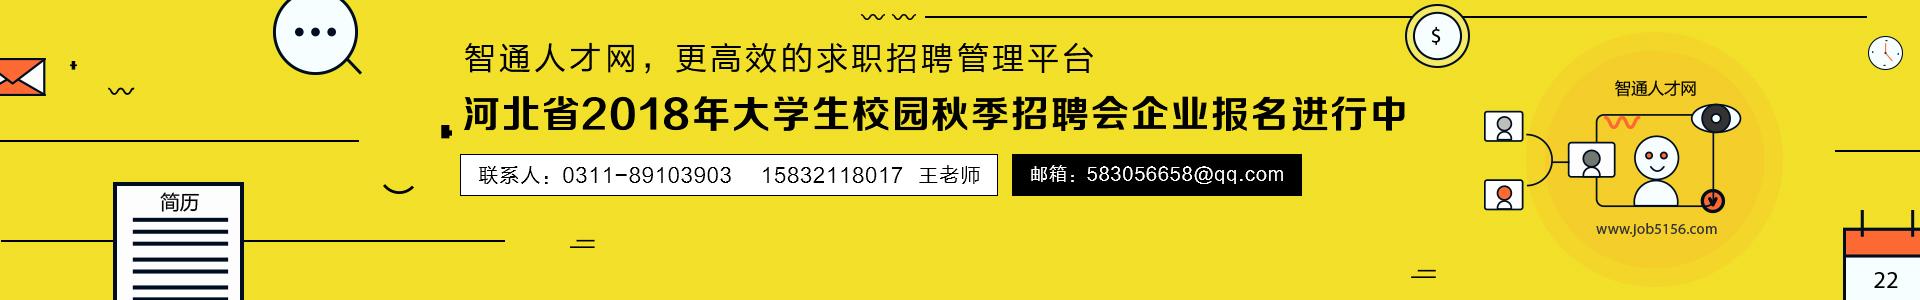 河北省2018年大学生校园秋季招聘会企业报名进行中